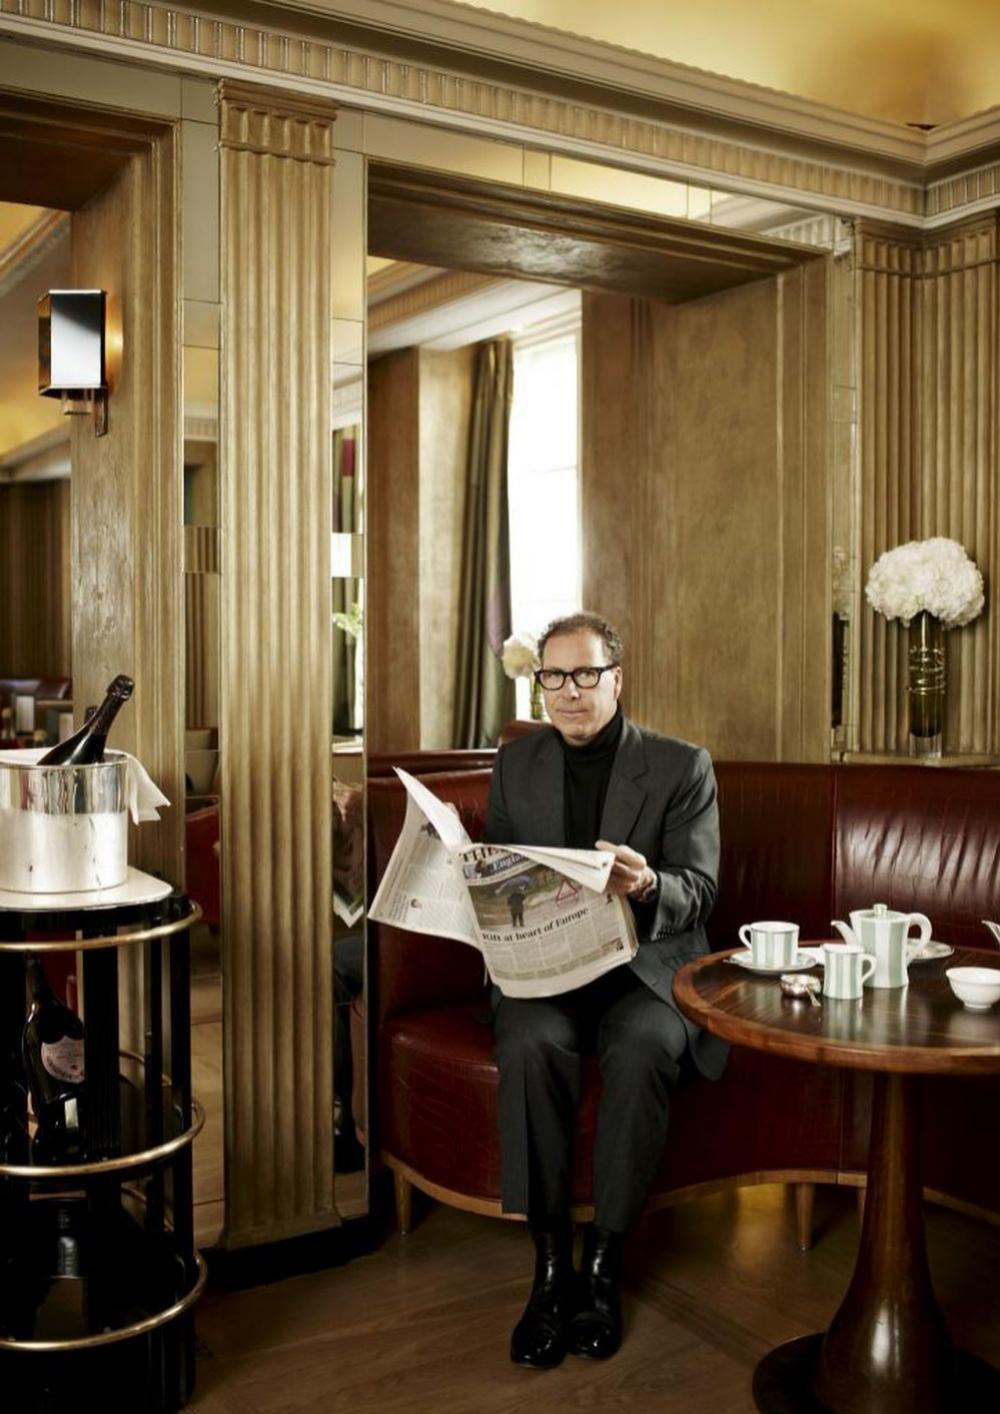 David en el mítico hotel Claridges de Londres, donde los miembros de la Familia Real británica celebran algunas de sus fiestas privadas. Linley ha decorado varias de sus suites.